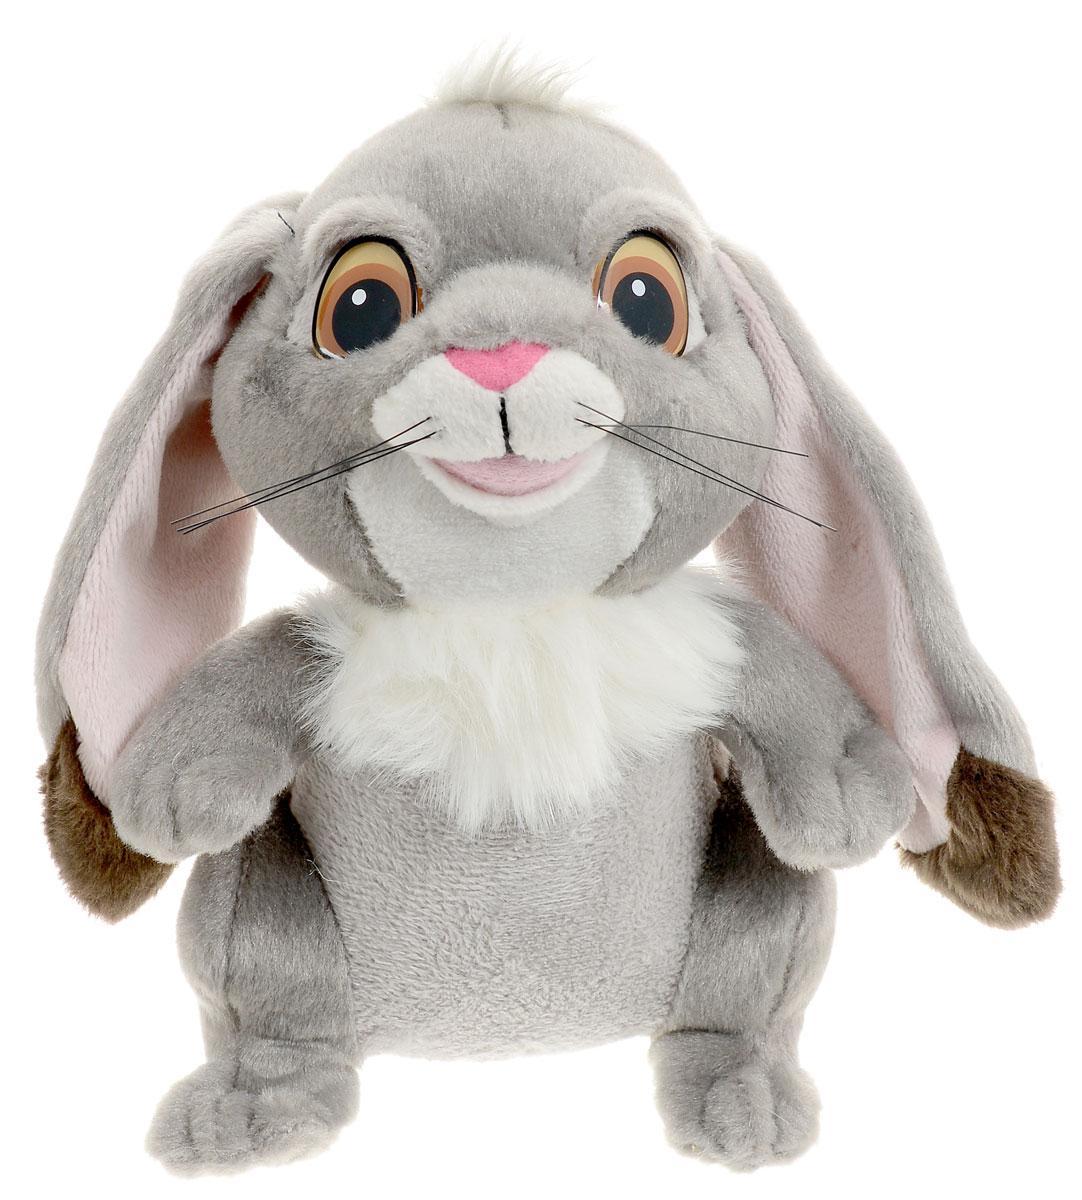 Мульти-Пульти Мягкая озвученная игрушка Кролик Клевер 18 смV39057/18Мягкая озвученная игрушка Мульти-Пульти Кролик Клевер вызовет улыбку у каждого, кто ее увидит! Туловище у кролика мягконабивное, а глазки - пластиковые. На голове забавный хохолок и длинные висячие уши. Если нажать игрушке на животик, то игрушечная копия любимого питомца принцессы Софии воспроизведет мелодии из мультфильма. Игрушка подарит своему обладателю хорошее настроение! Выполнена игрушка из качественных и безопасных материалов. Игрушка работает от незаменяемых батареек.